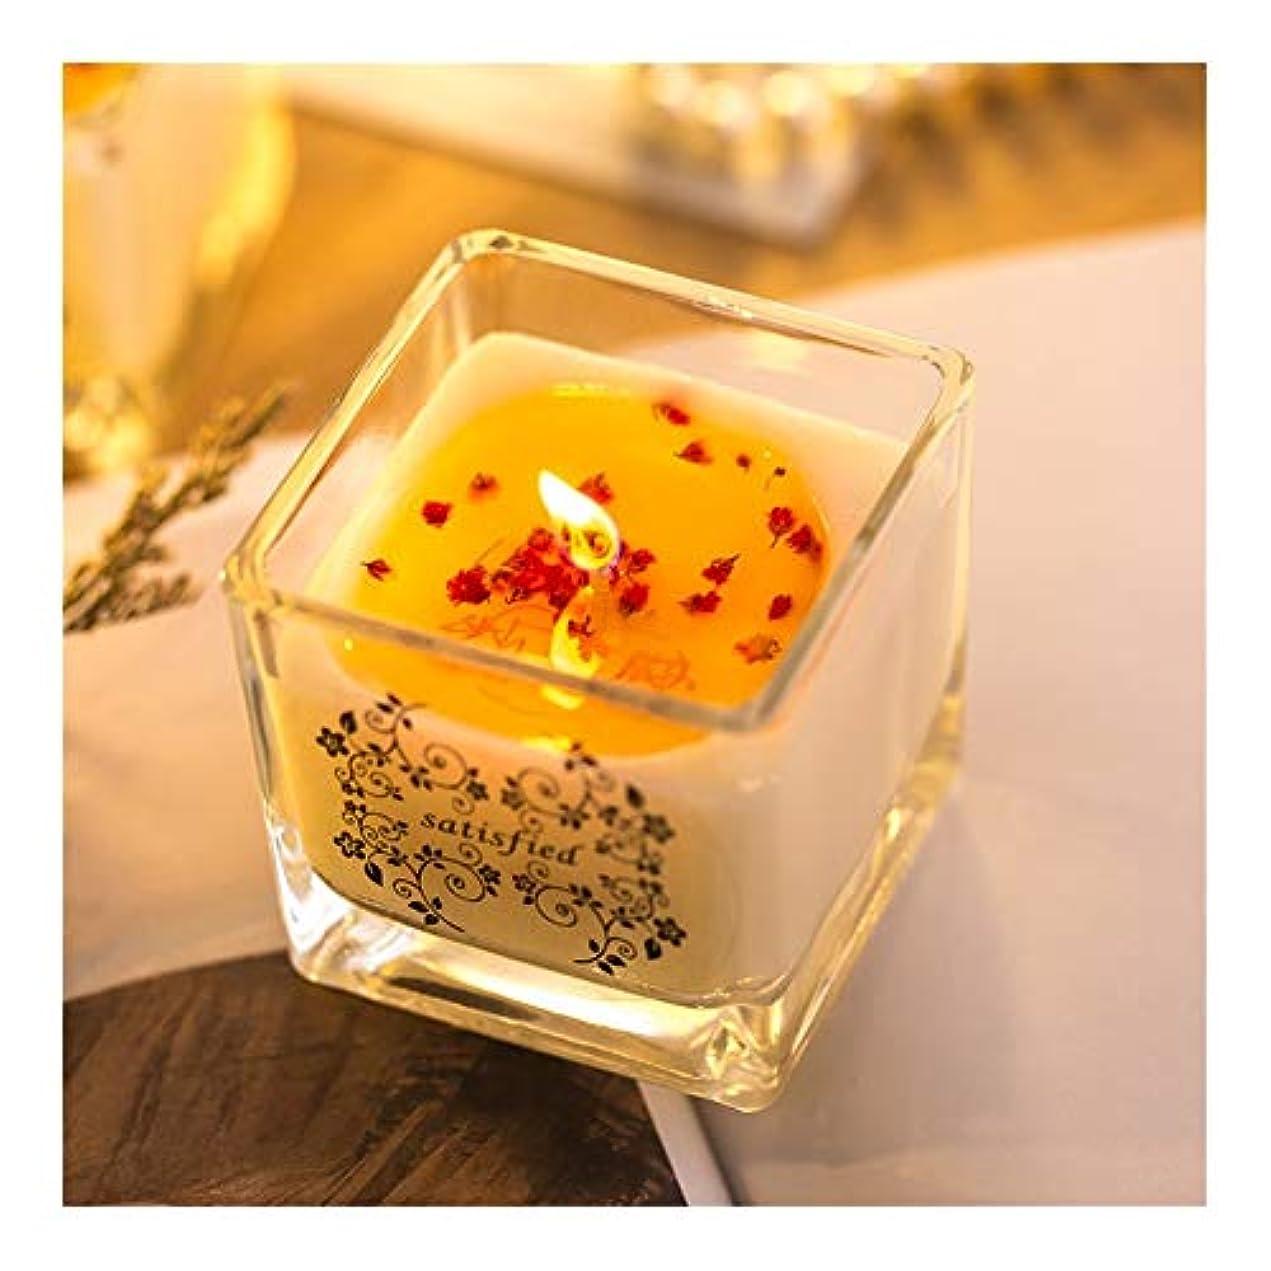 尽きるどれ保護するACAO 手作りアロマセラピー大豆キャンドルロマンチックな結婚結婚ガラスの花びら輸入無煙エッセンシャルオイルキャンドル卸売 (色 : Lime)